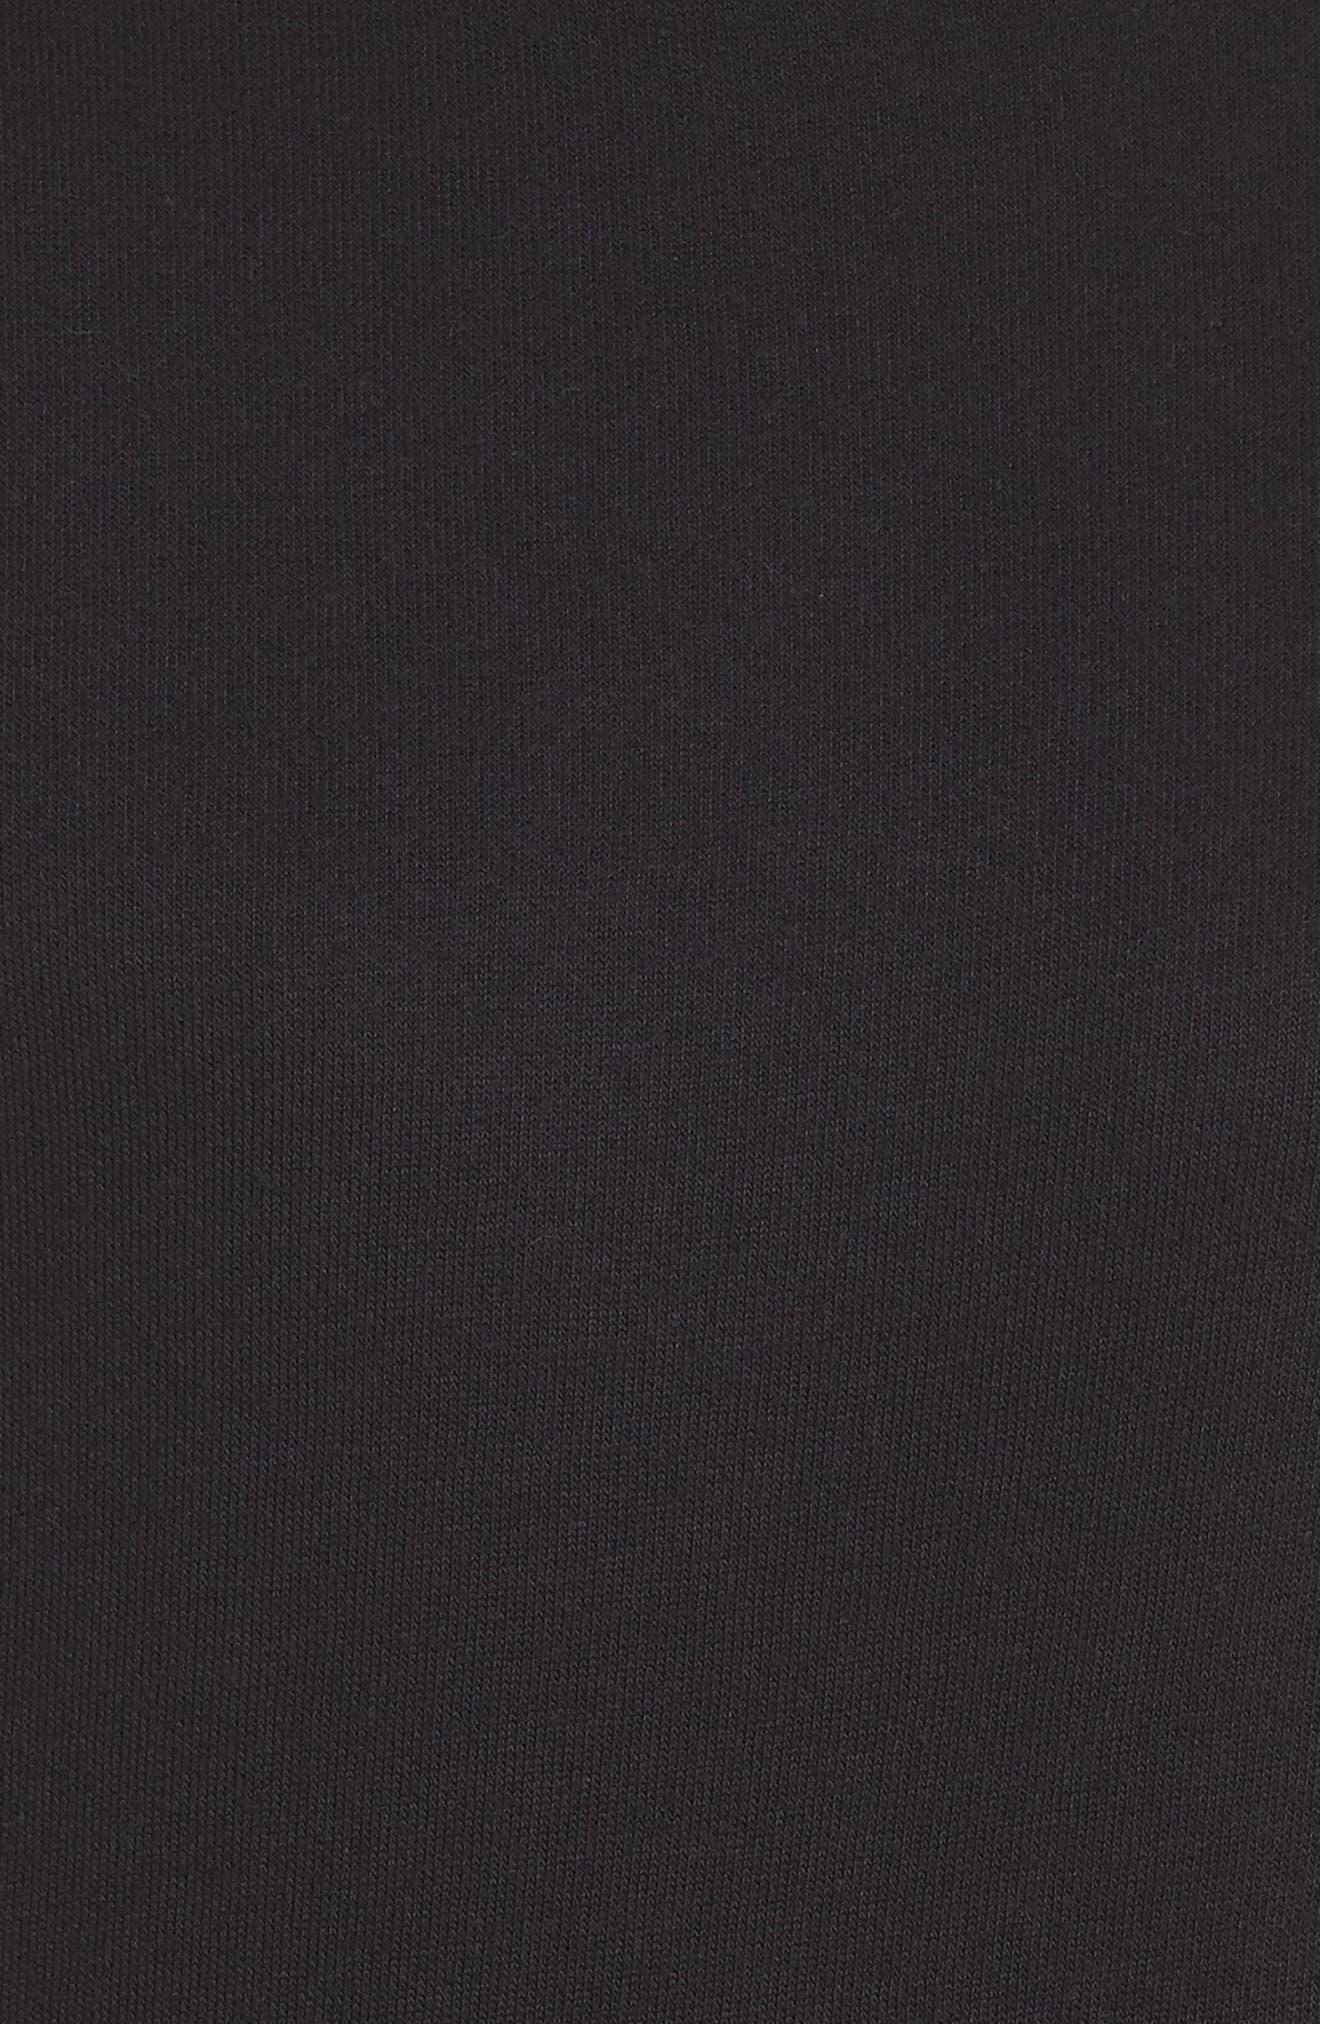 Hoodie Sweatshirt,                             Alternate thumbnail 5, color,                             BLACK